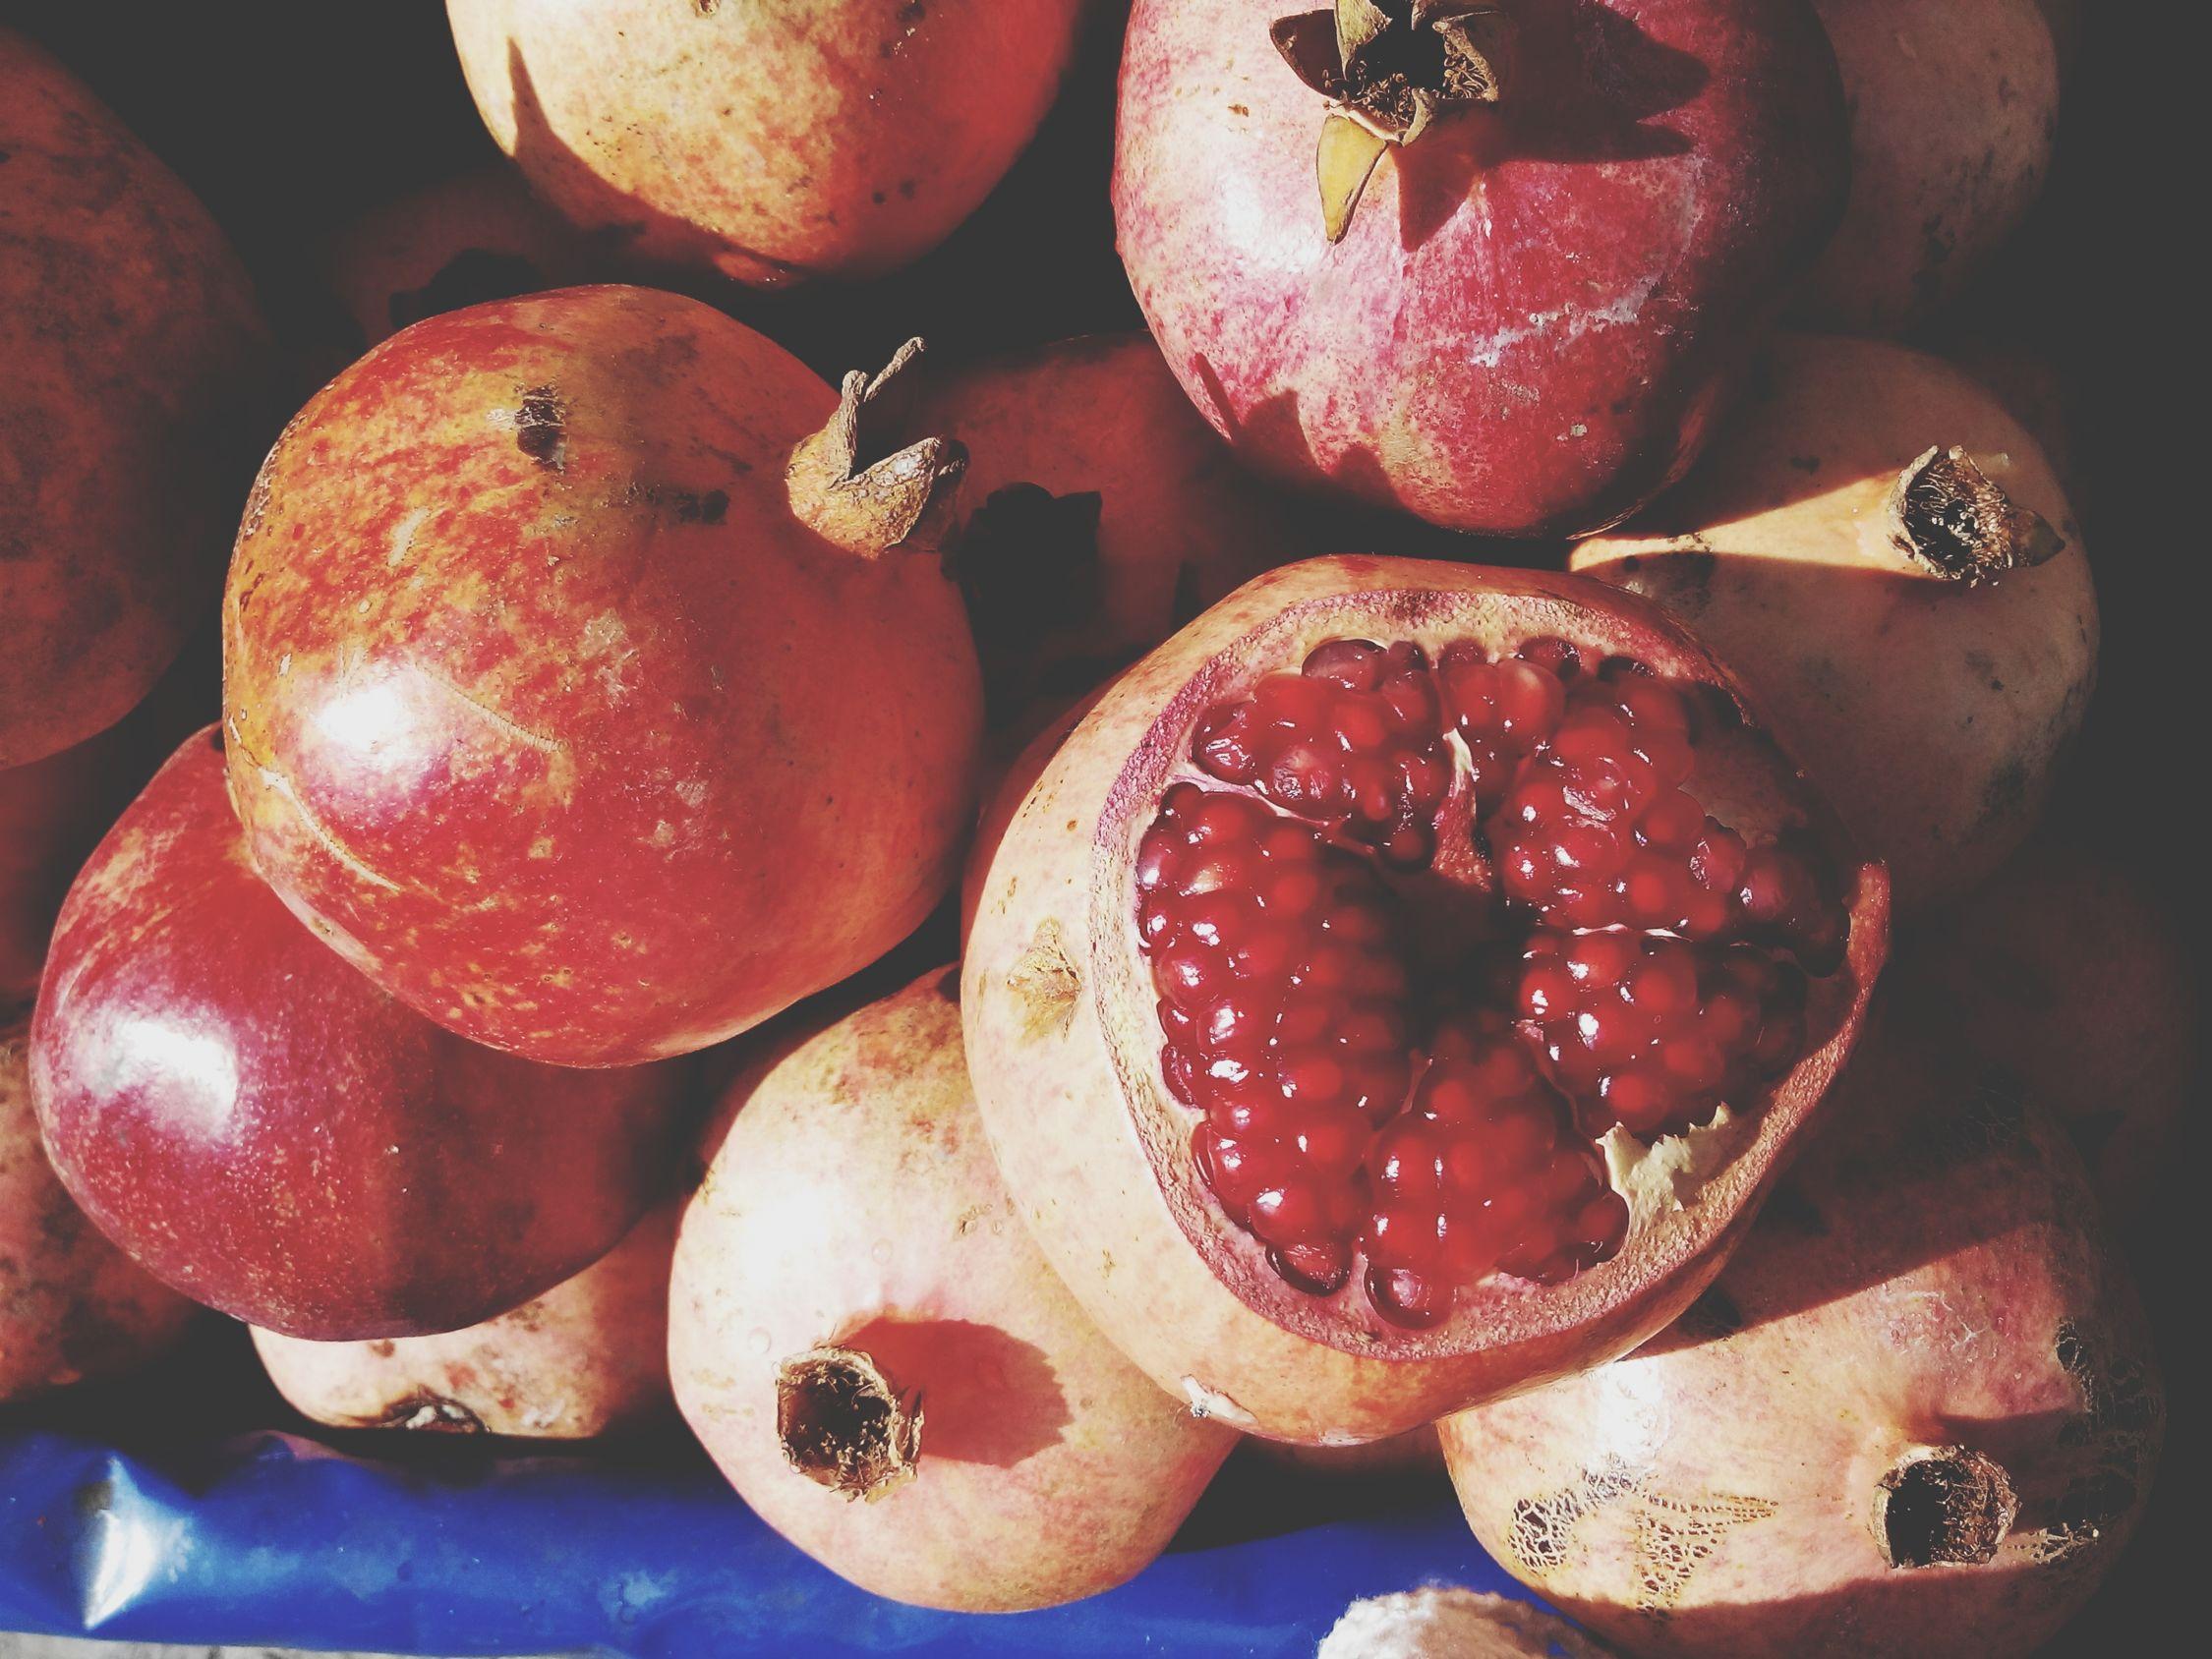 Bon appetit Fruitporn , Eat More Fruit Color Explosion Textures And Surfaces